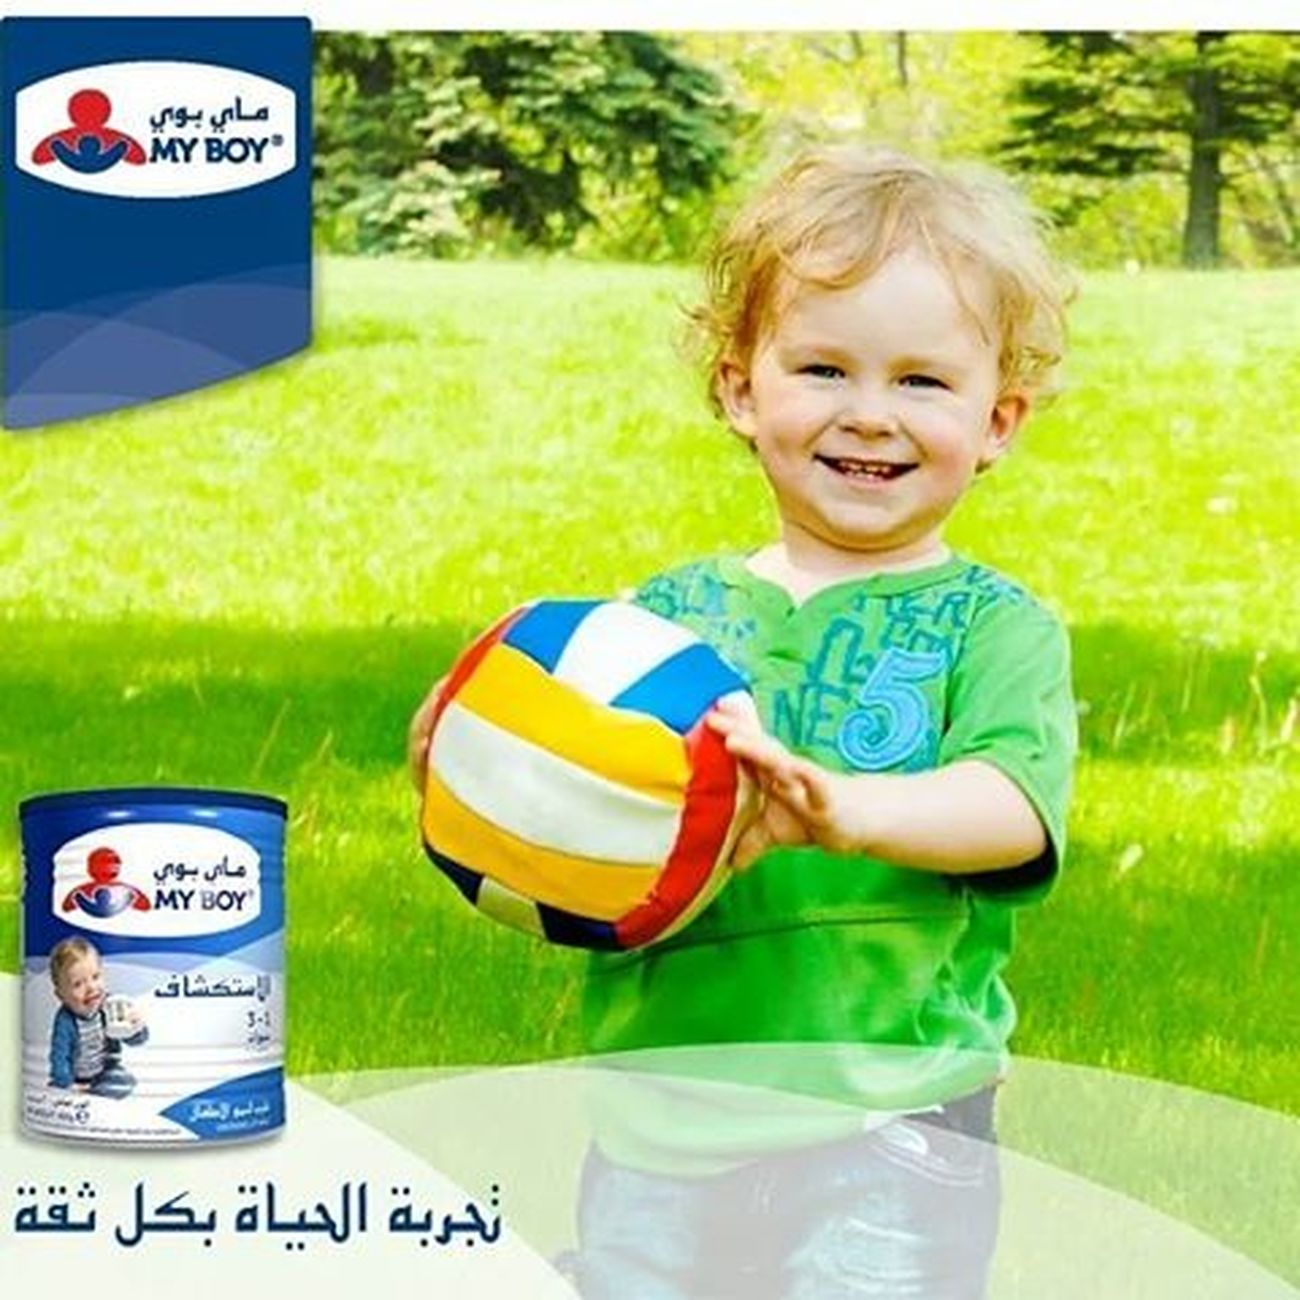 ماي_بوي اطفال Kids My_boy Infant Milk Smile Children